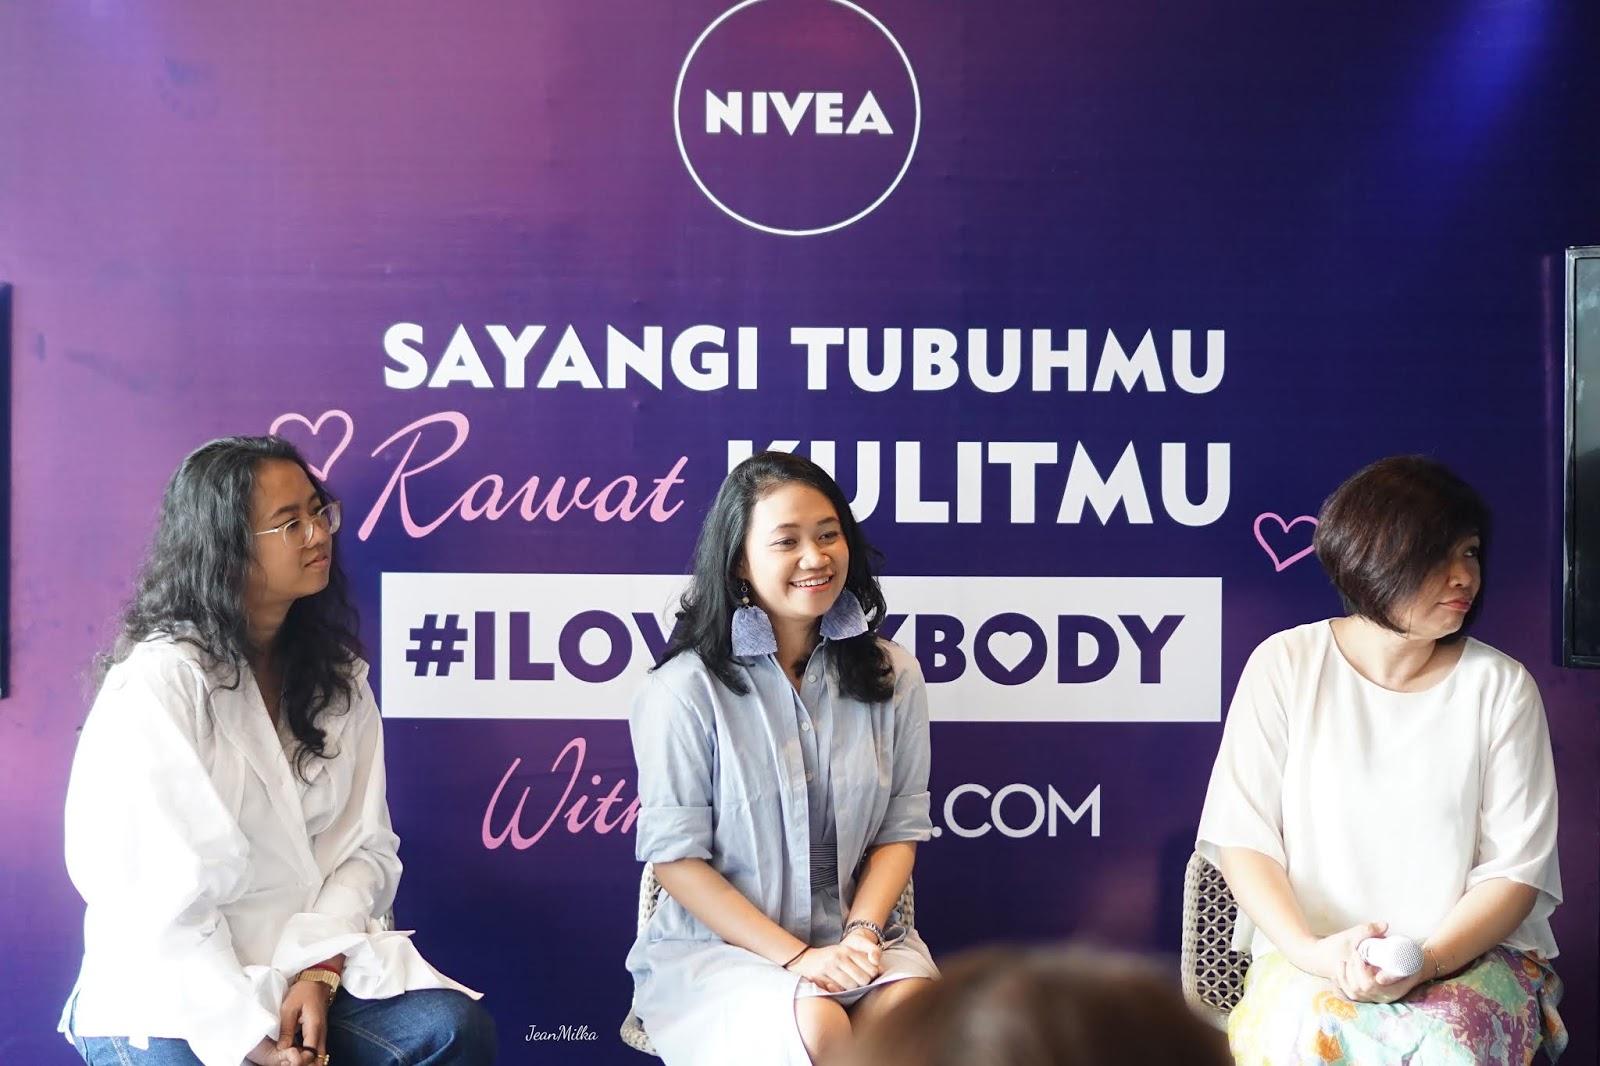 nivea, nivea indonesia, nivea body serum, lotion, body lotion, body serum, nivea body lotion, review, review nivea, female daily, event, beauty event, jakarta